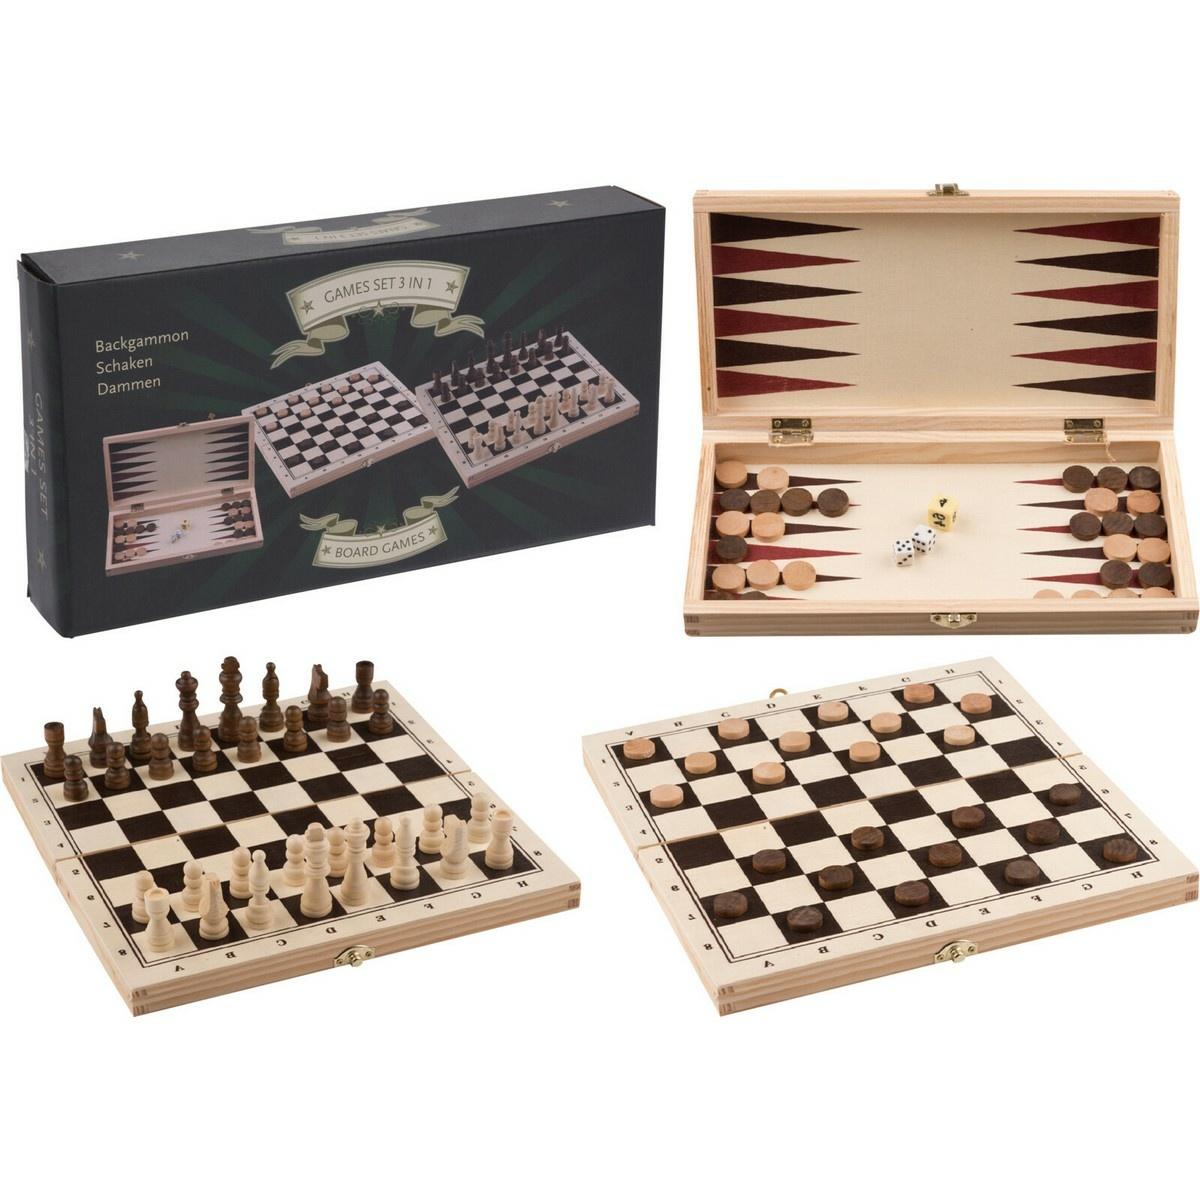 Soubor her v dřevěném boxu 3v1, 29 x 15 x 4,3 cm